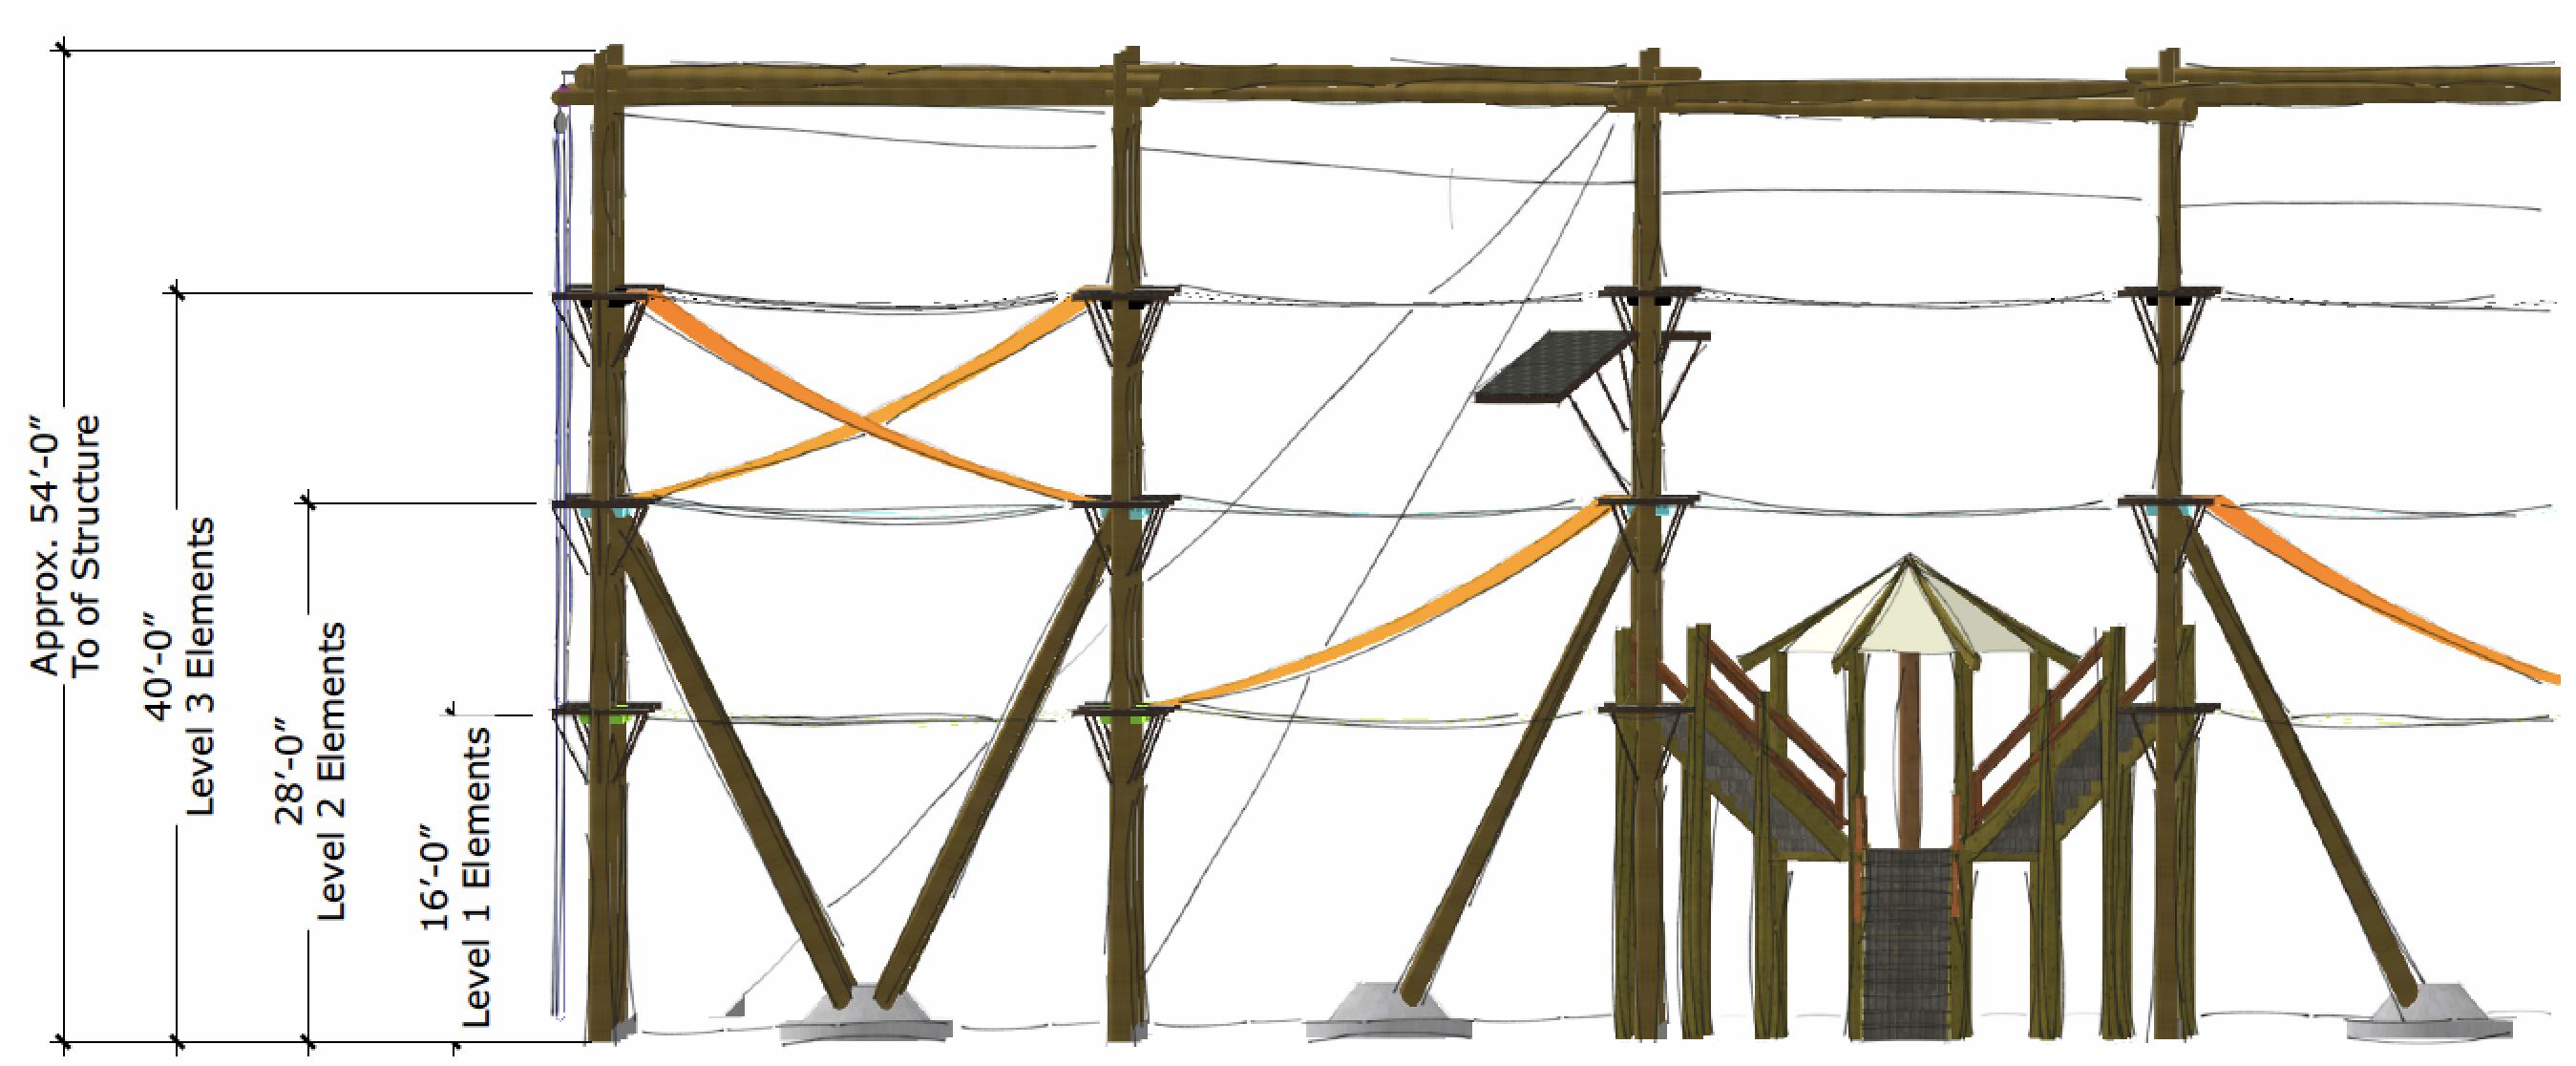 Westpark blueprint with measurements.